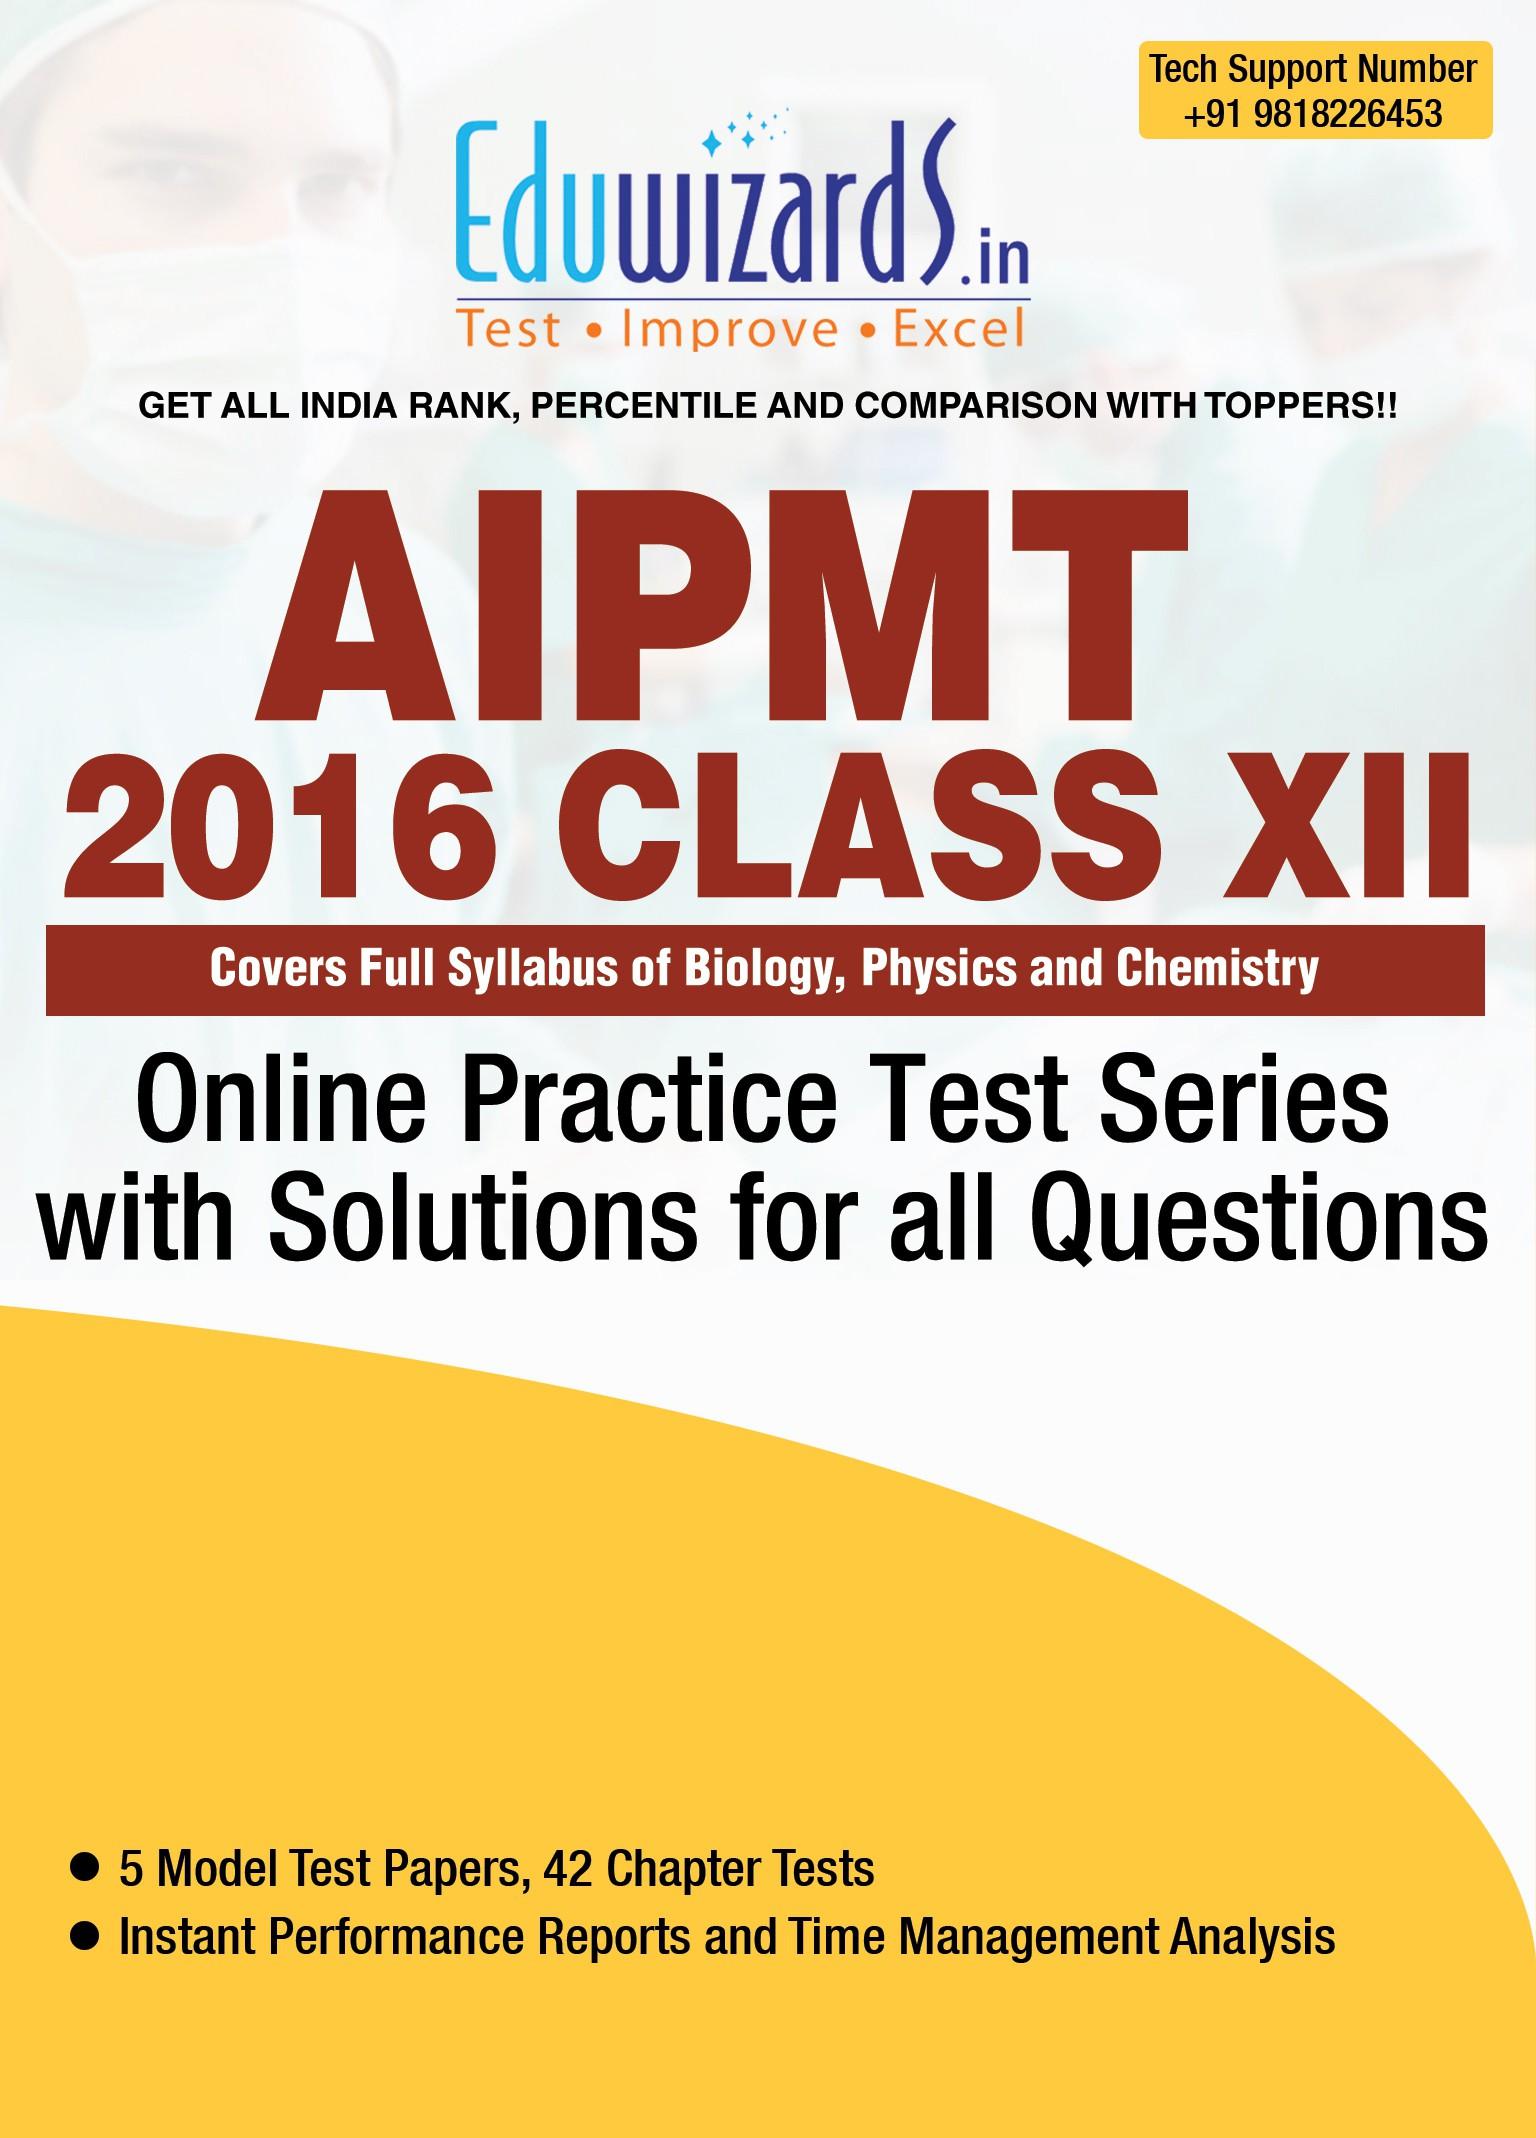 Eduwizards AIPMT 2016 Class XII Online Test Series Online Test(Voucher)